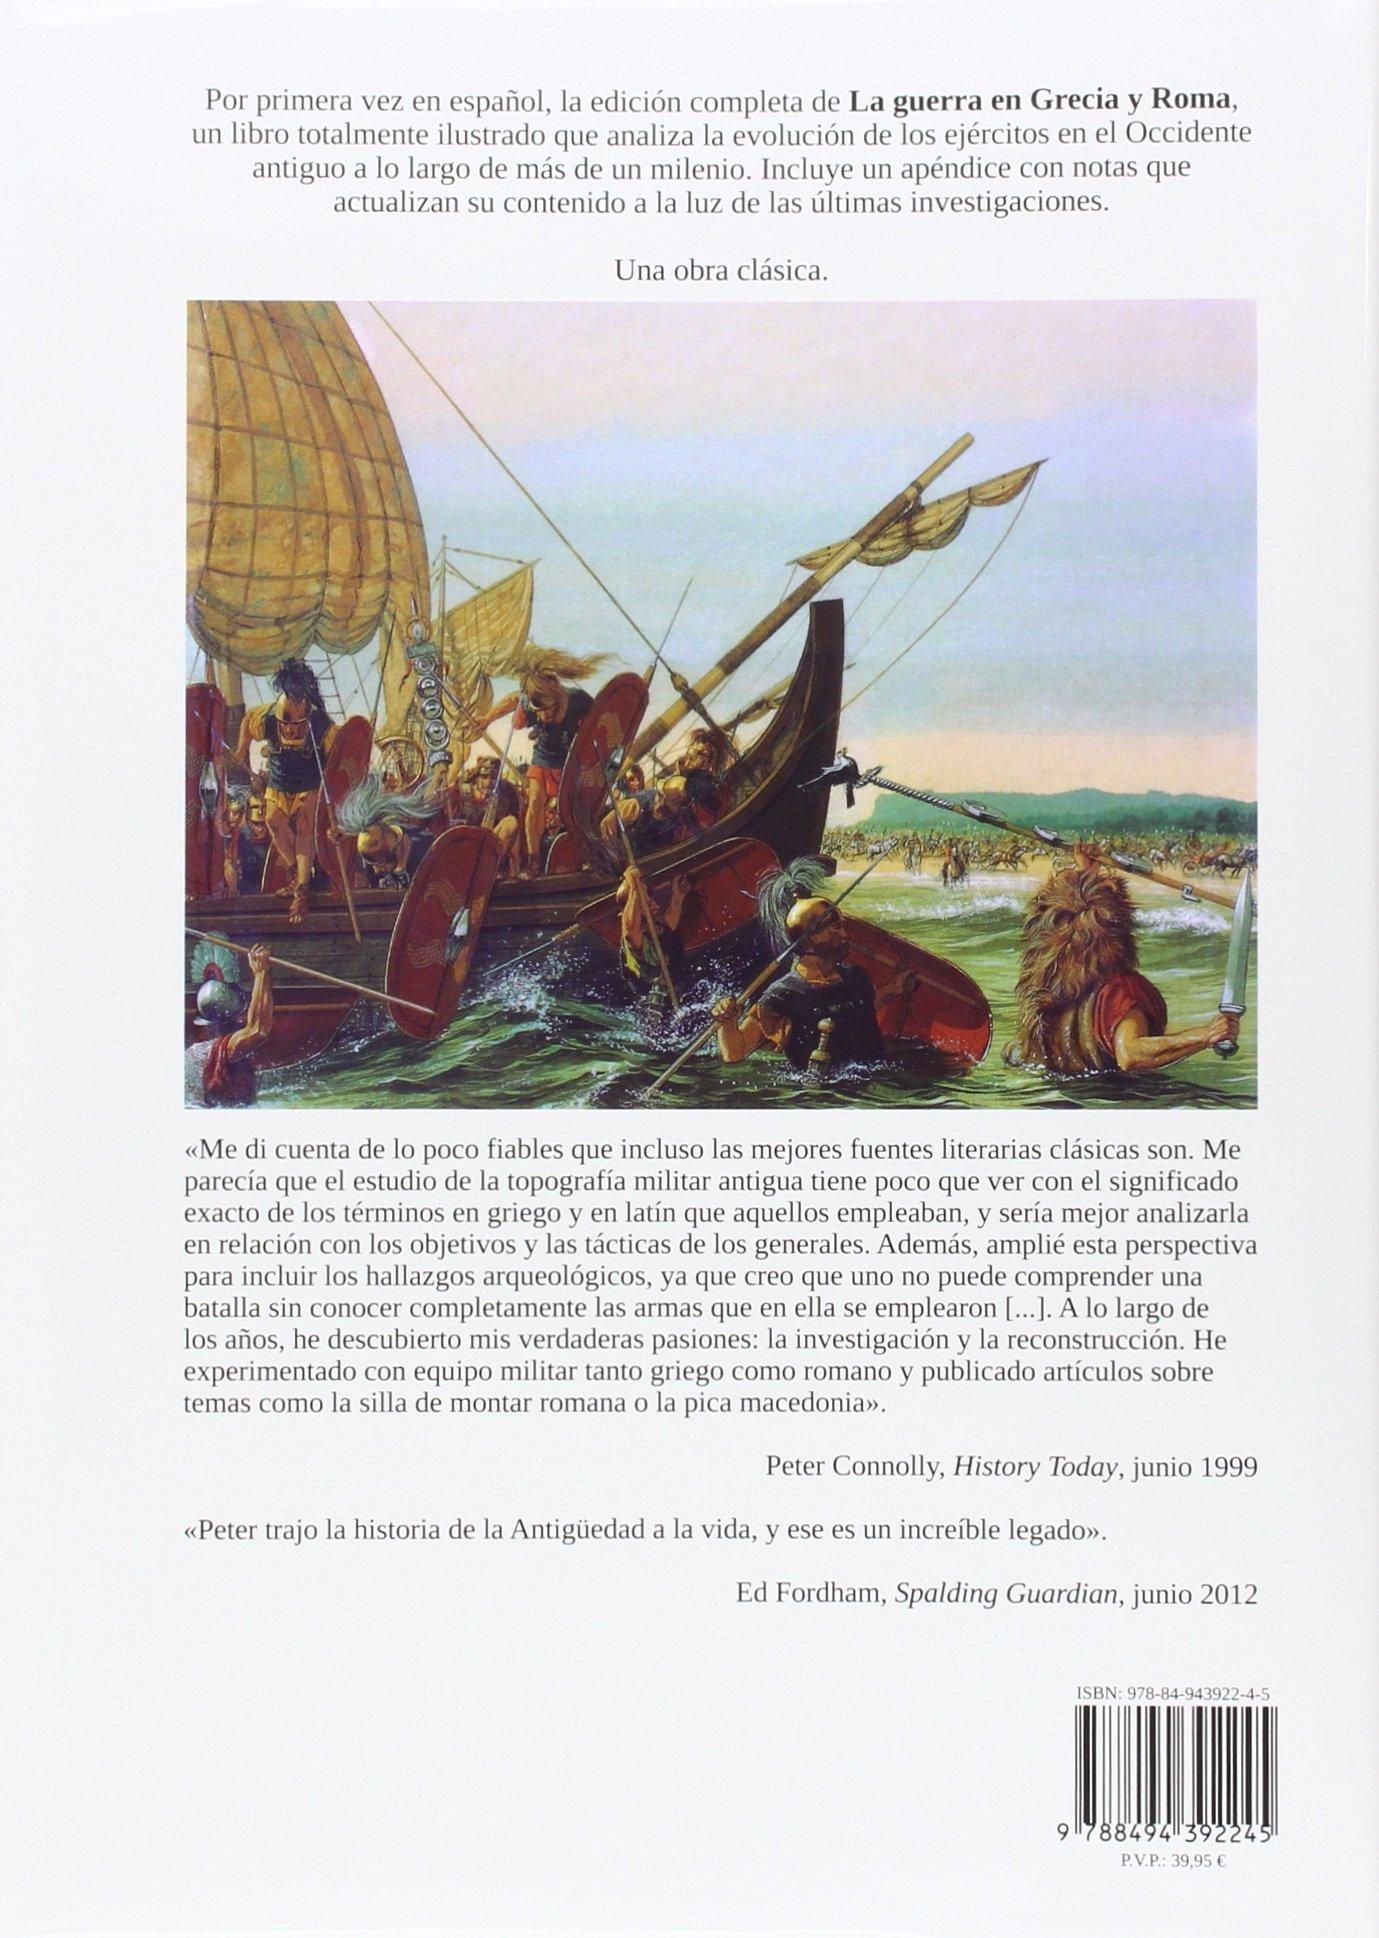 La guerra en Grecia y Roma (Ilustrados): Amazon.es: Peter ...